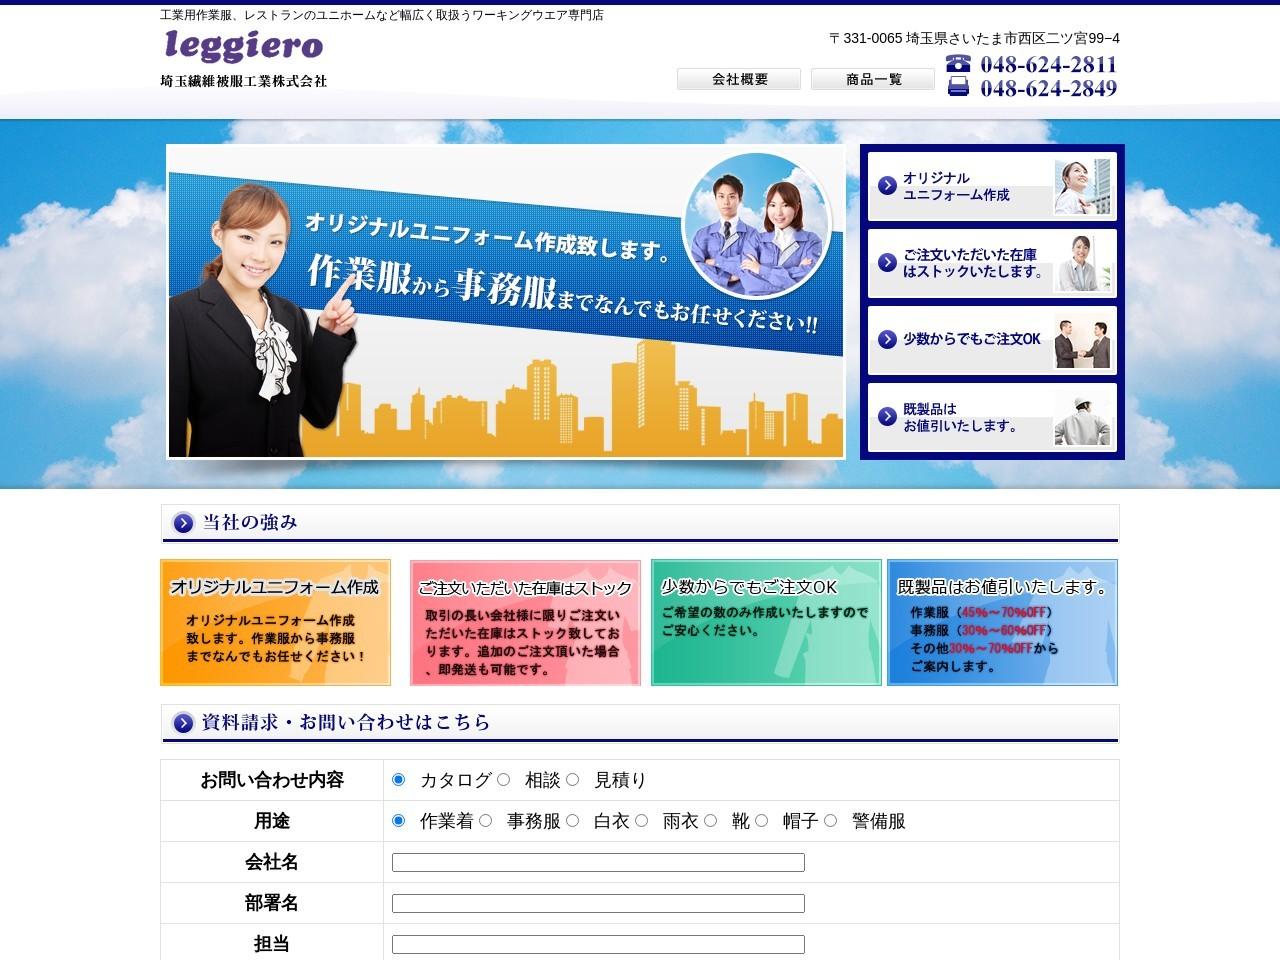 埼玉繊維被服工業株式会社は工業用作業服、レストランのユニホームなど幅広く取扱うワーキングウエア専門店です。